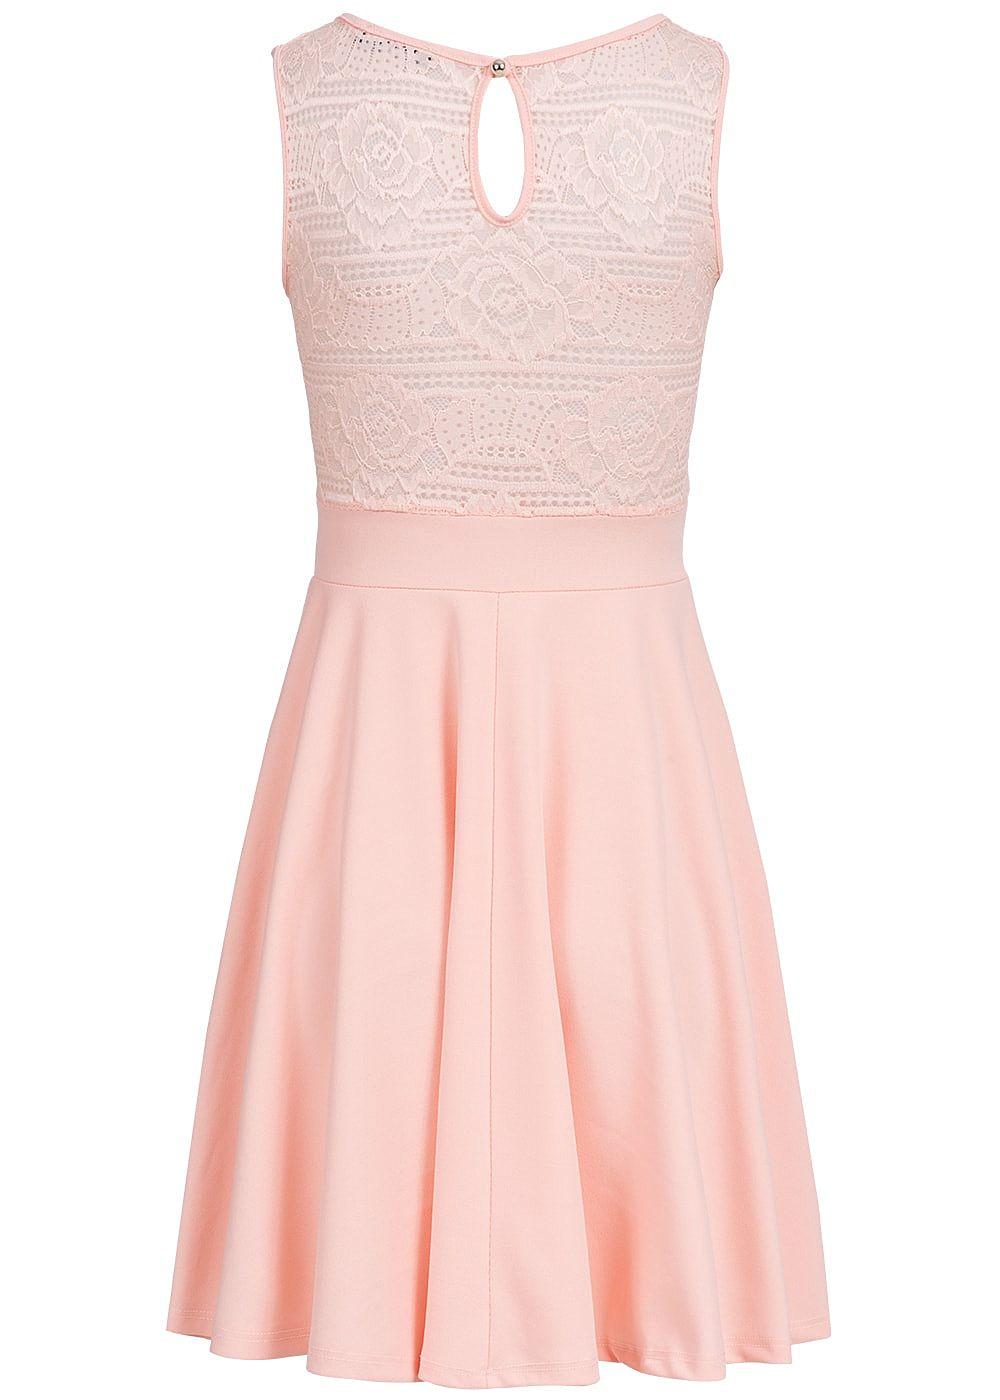 styleboom fashion damen mini kleid spitze oben brustpads rosa 77onlineshop. Black Bedroom Furniture Sets. Home Design Ideas